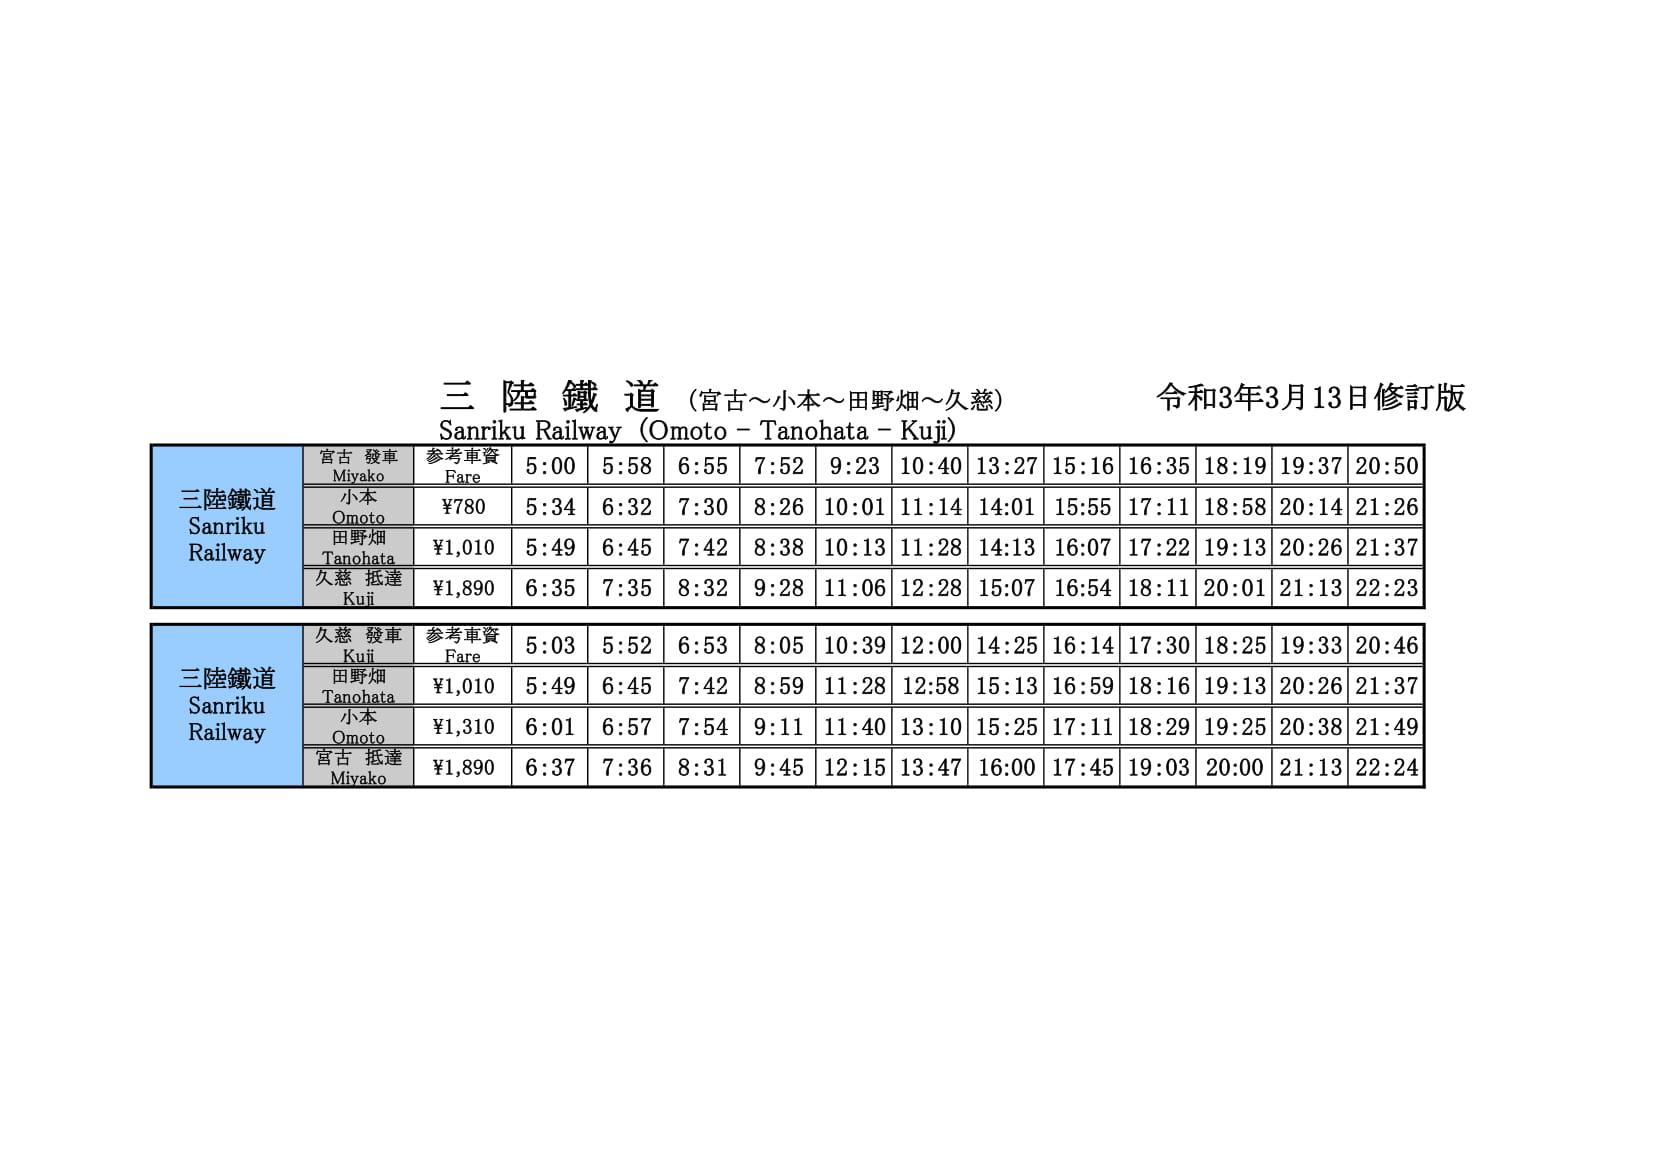 時刻表-2021年3月13日修訂版